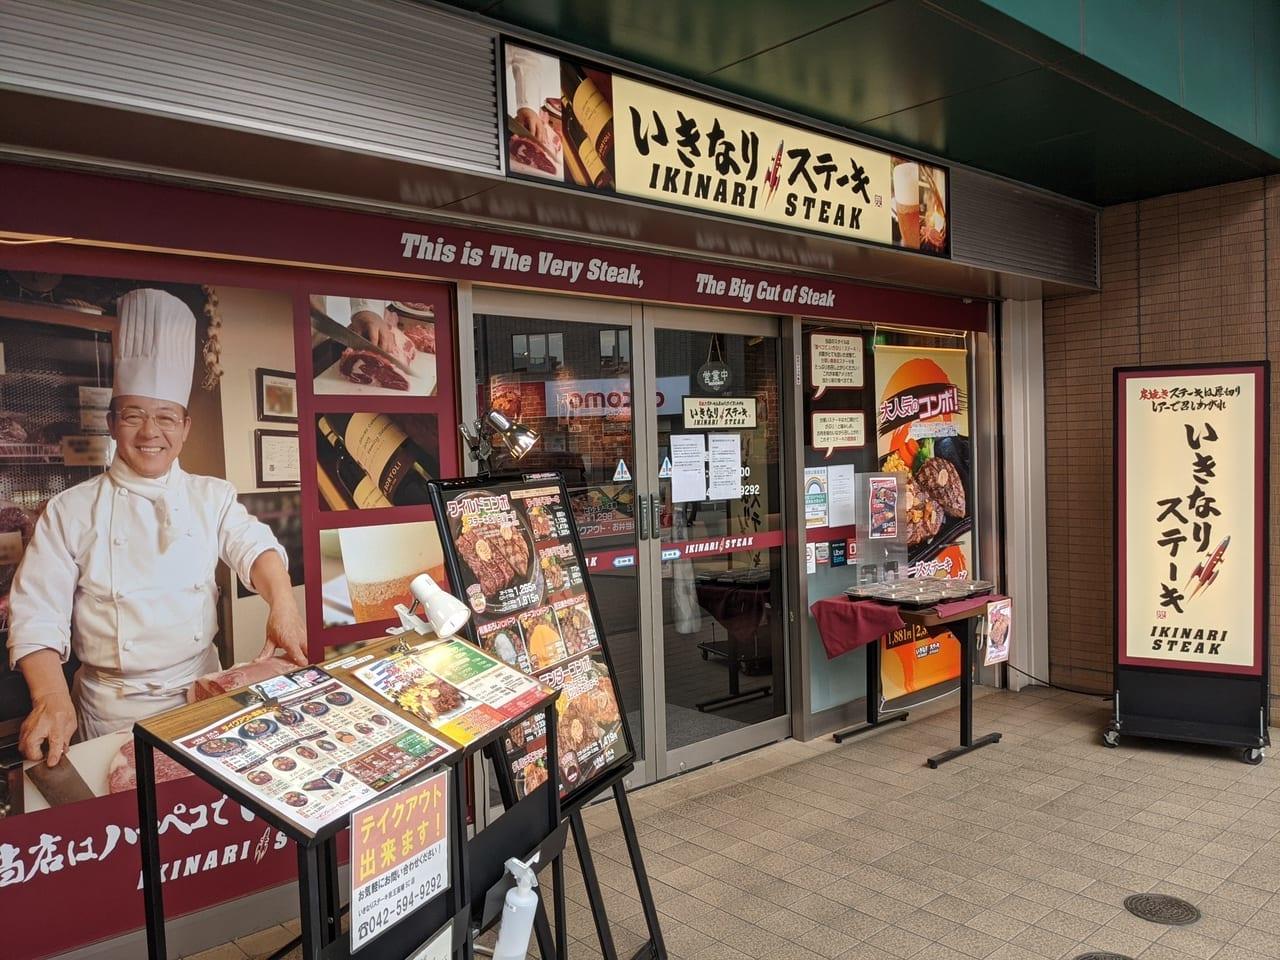 高幡のいきなりステーキが5月に閉店